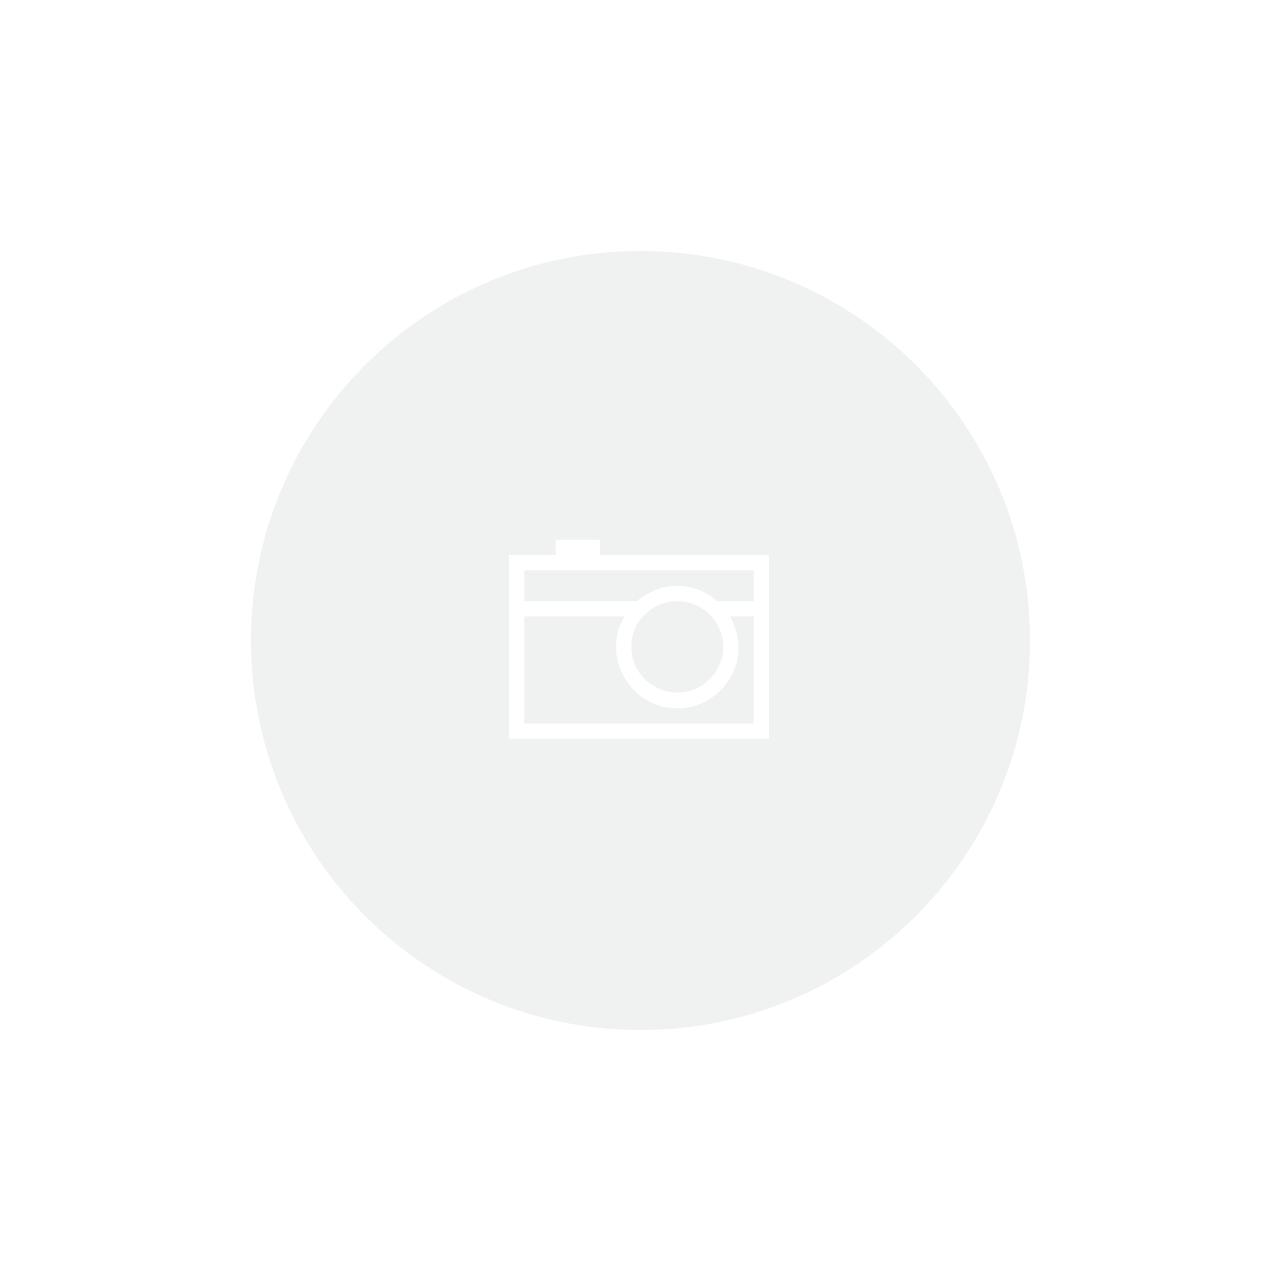 SELIM SELLE ITALIA SLR T.E. FLOW PROF VAZADO (041F801JM0001)